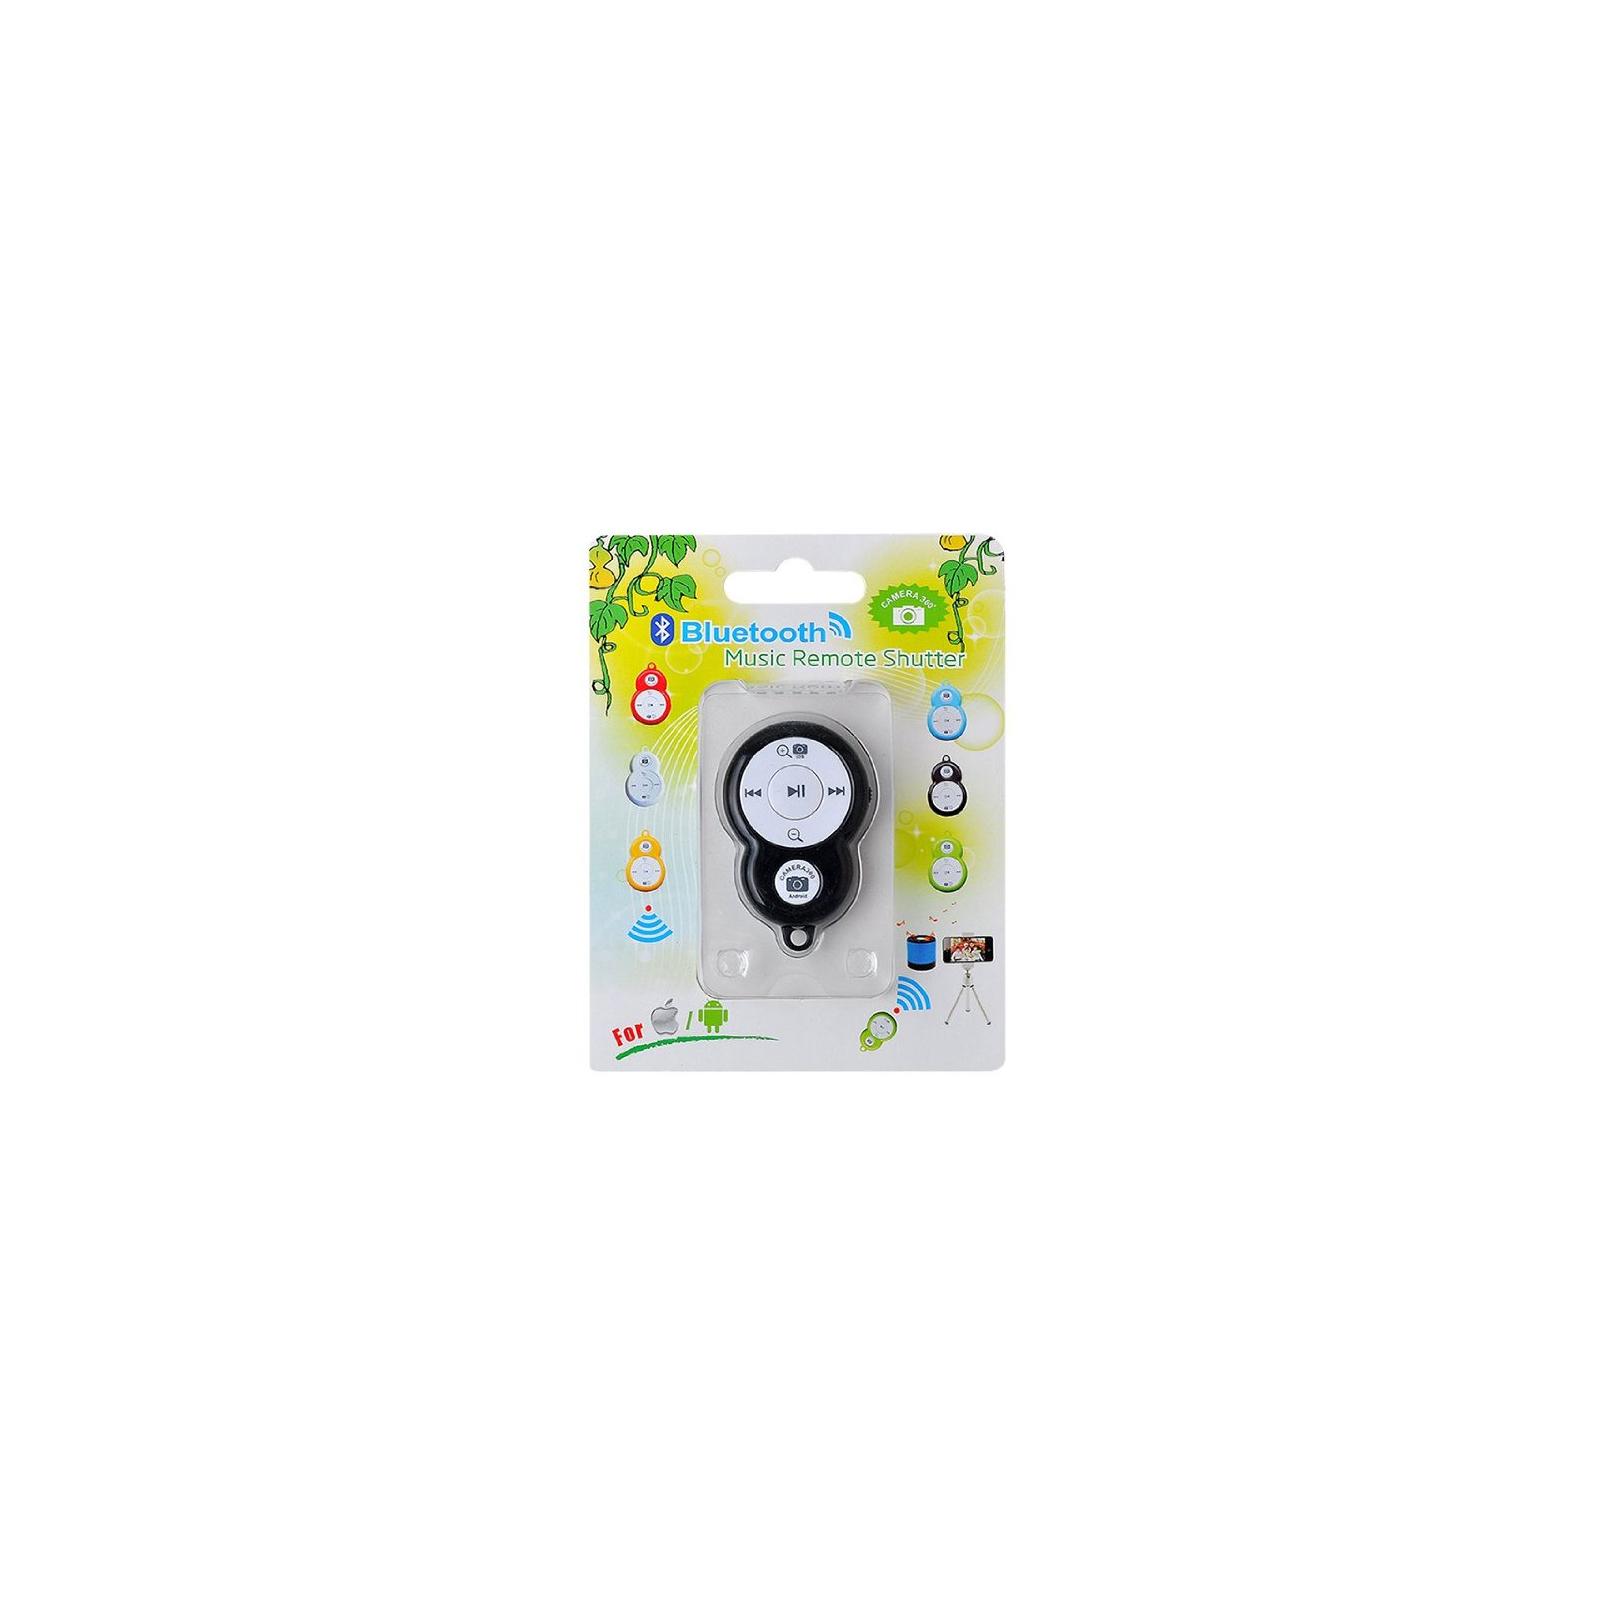 Пульт ДУ для фото- видеокамер Yunteng Bluetooth (Selfi + Music Remote Shutter) (37541) изображение 3